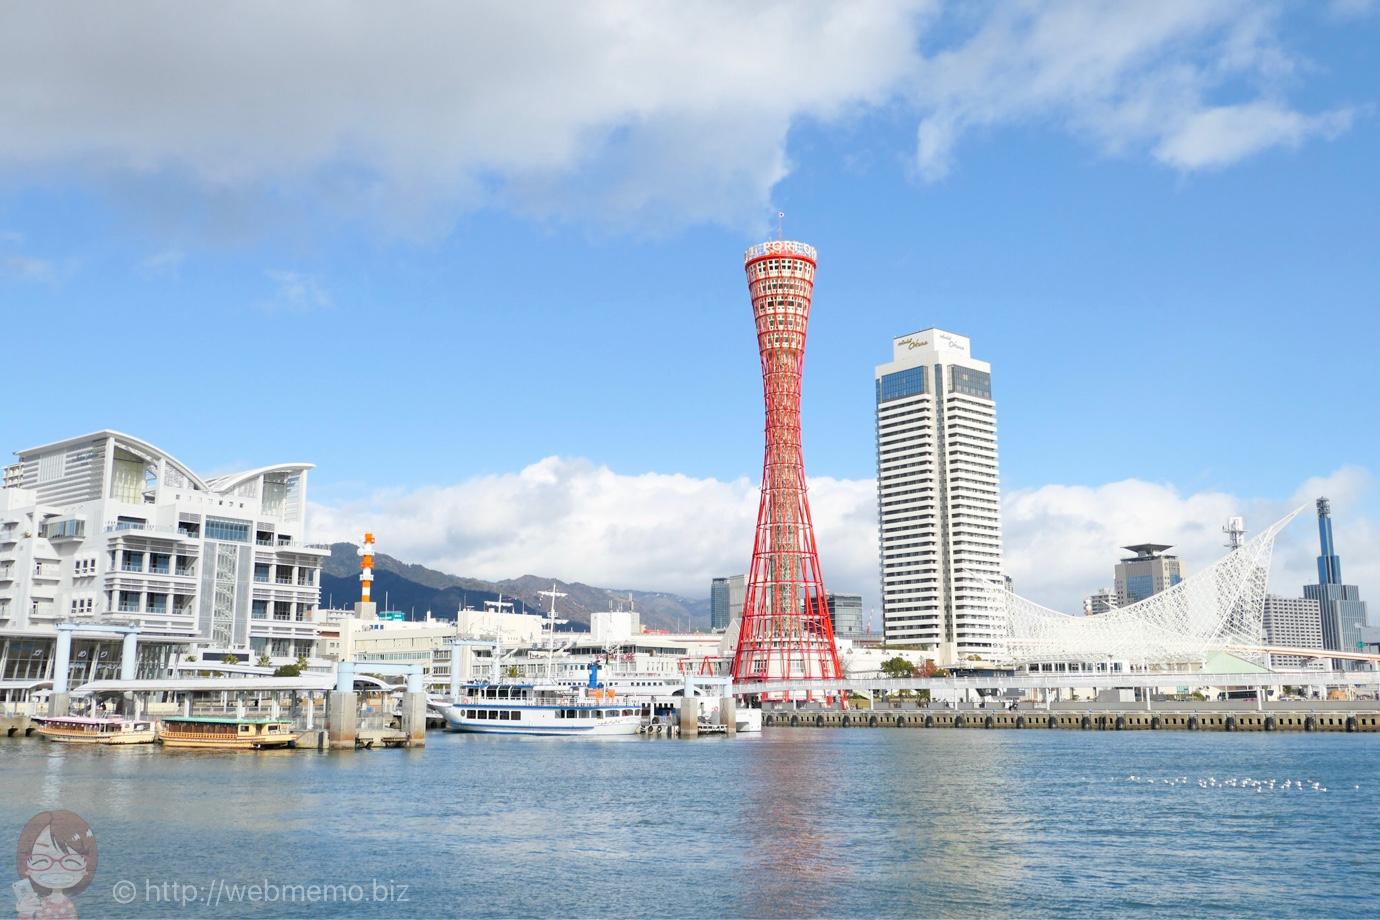 初めて神戸ハーバーランドへ!旅の道中に港と山の美しい景色を見ながら暫し休憩